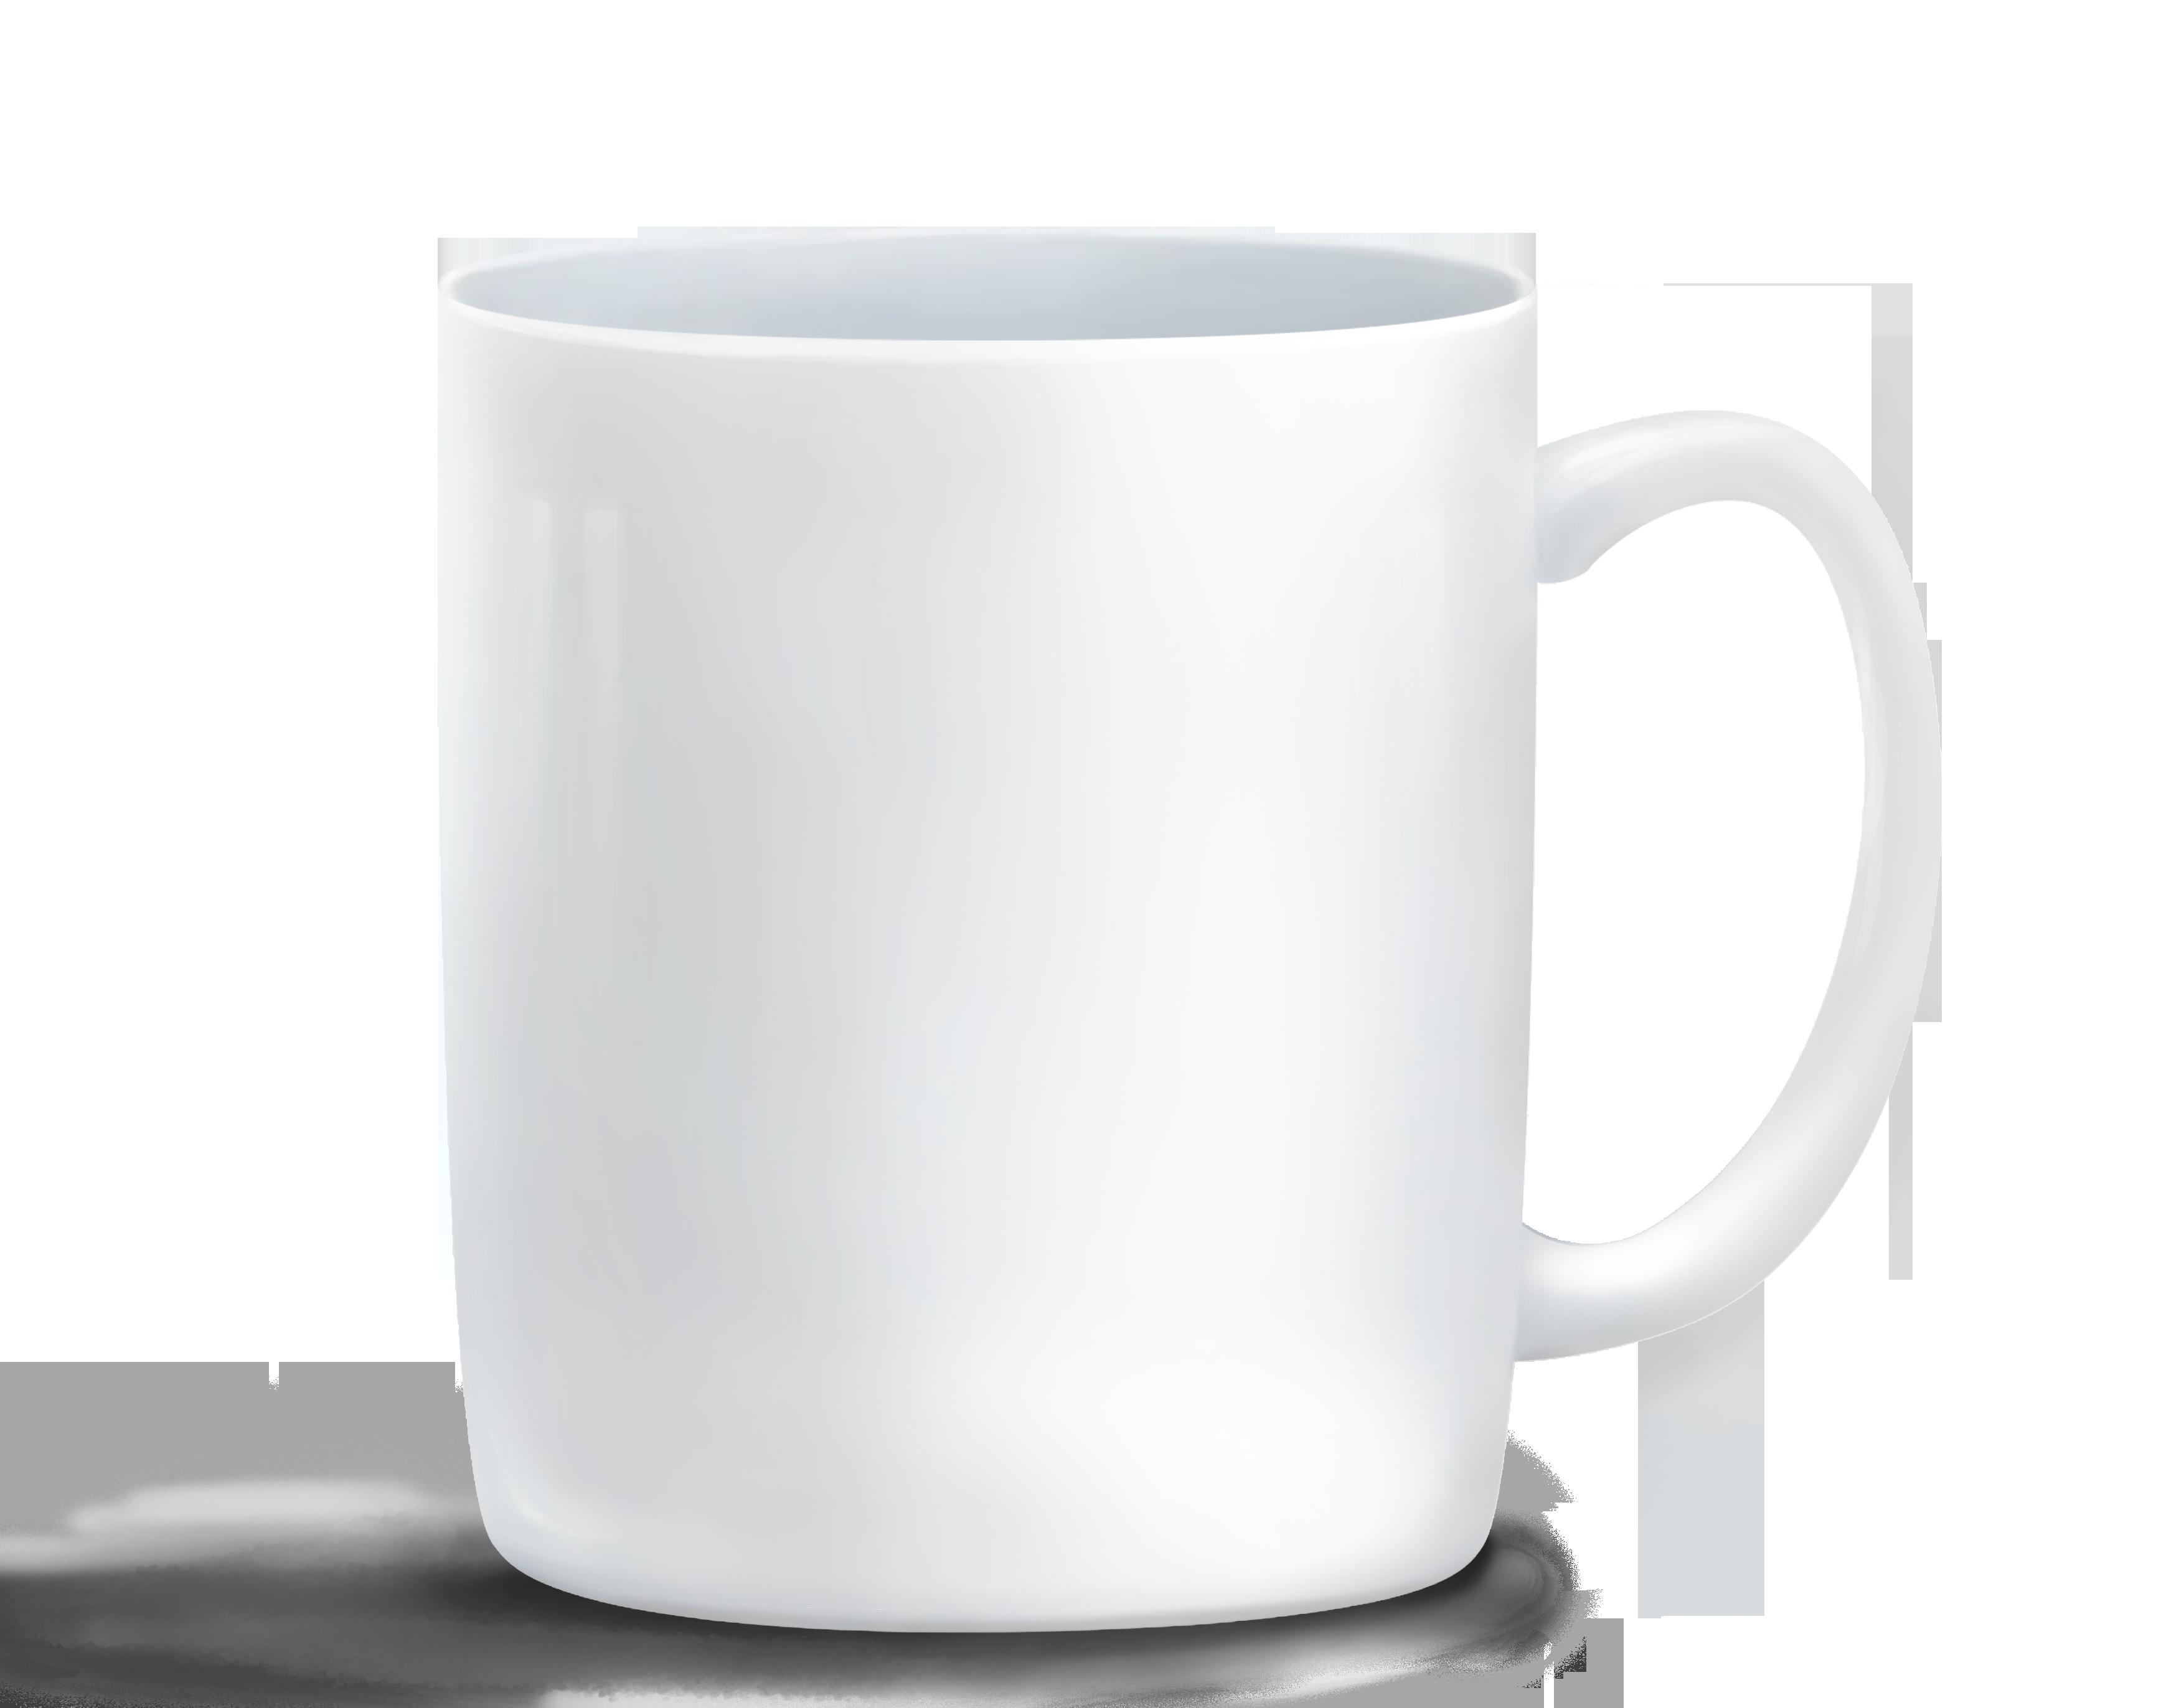 Mug Png & Free Mug.png Transparent Images #29881.